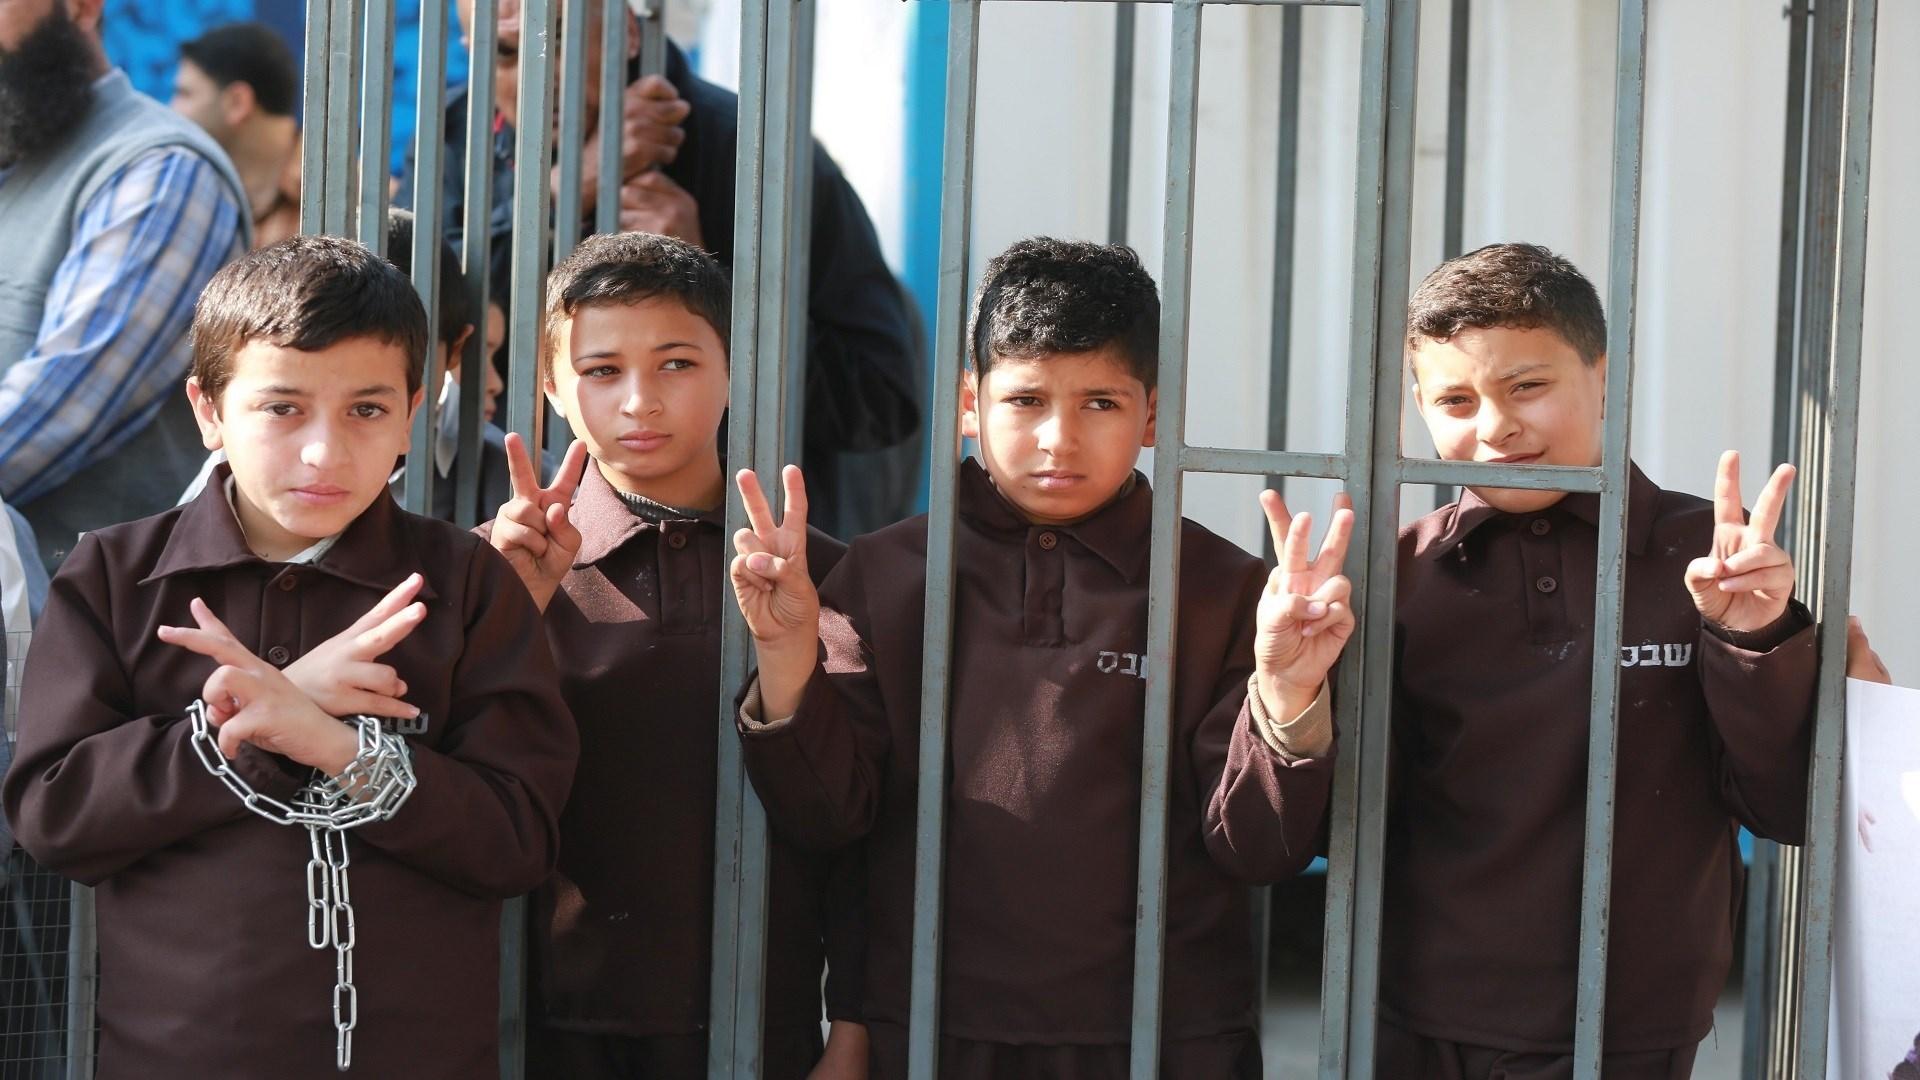 في اليومالعالمي للتضامن مع الشعب الفلسطيني:آلاف الأسرى يحتاجون الى كل أشكال التضامن العربي والدولي